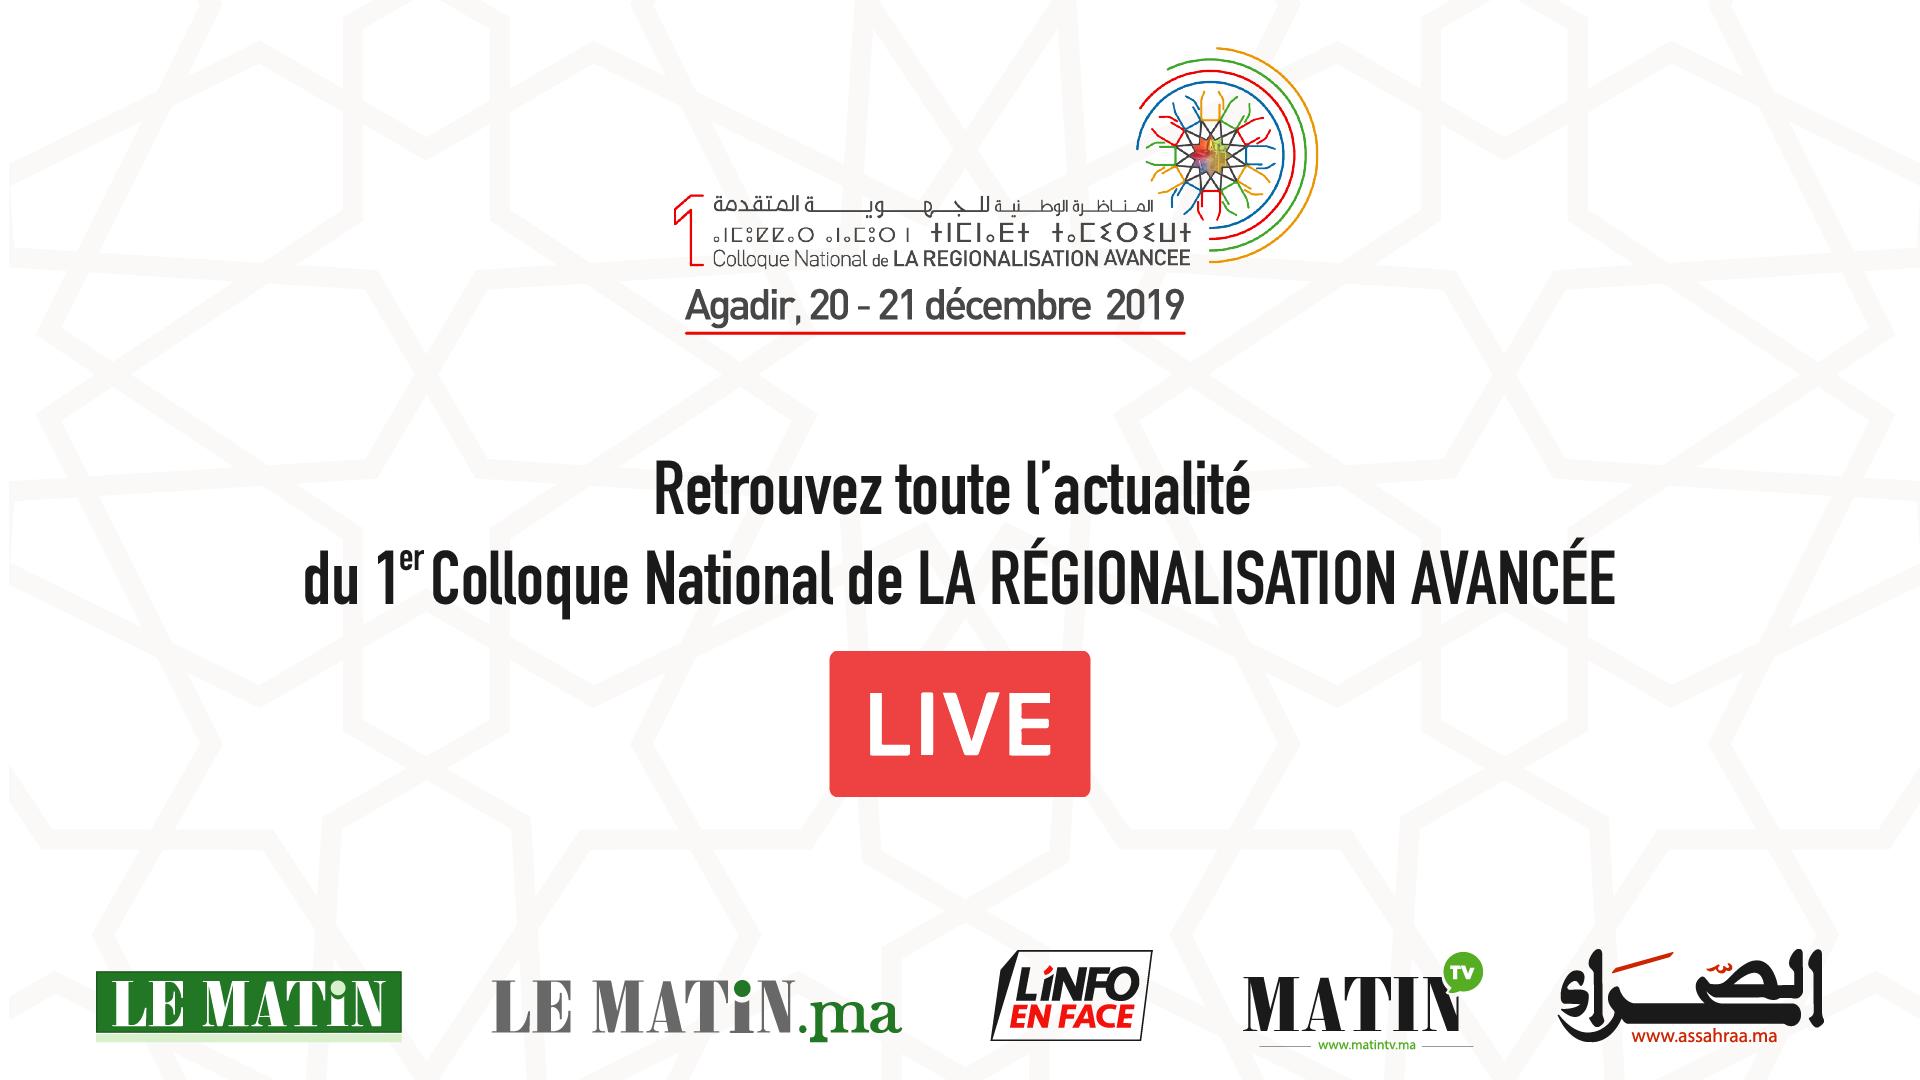 Live : Atelier 1 : Les compétences des régions, un enjeu de la régionalisation avancée